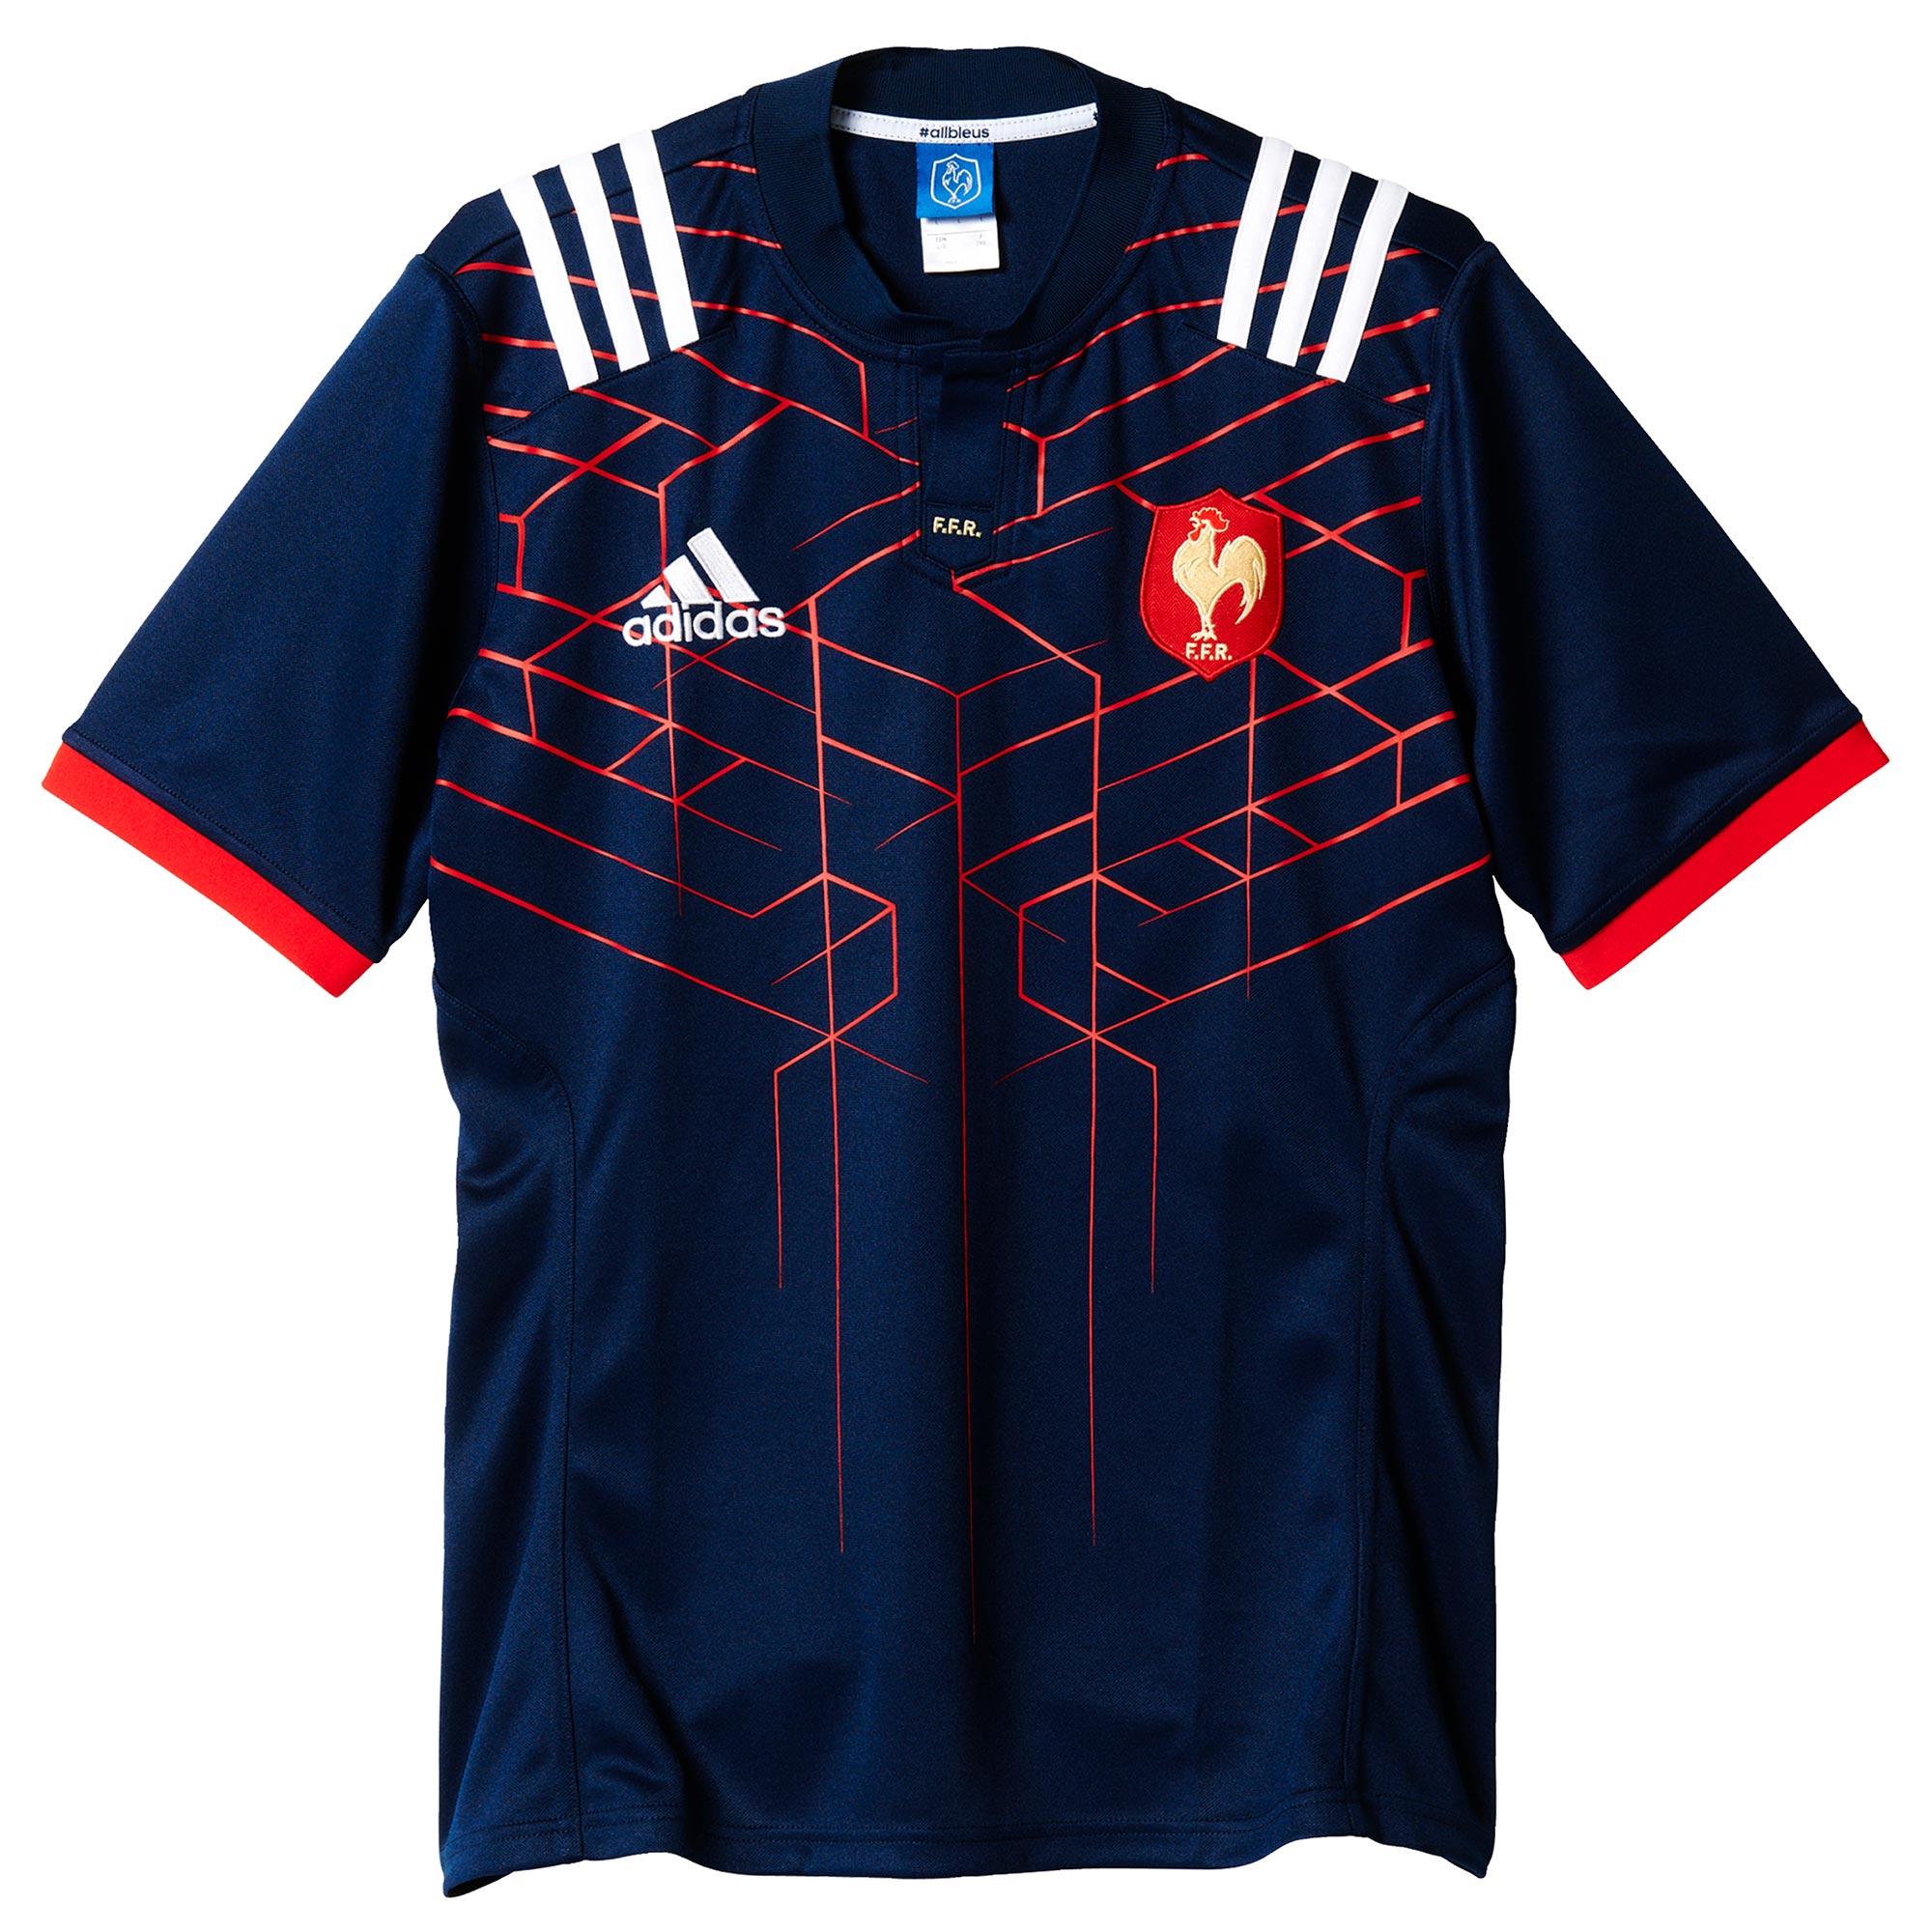 adidas FFR Home JSY Camiseta, Hombre, Azul (Maruni/Blanco), 2XL